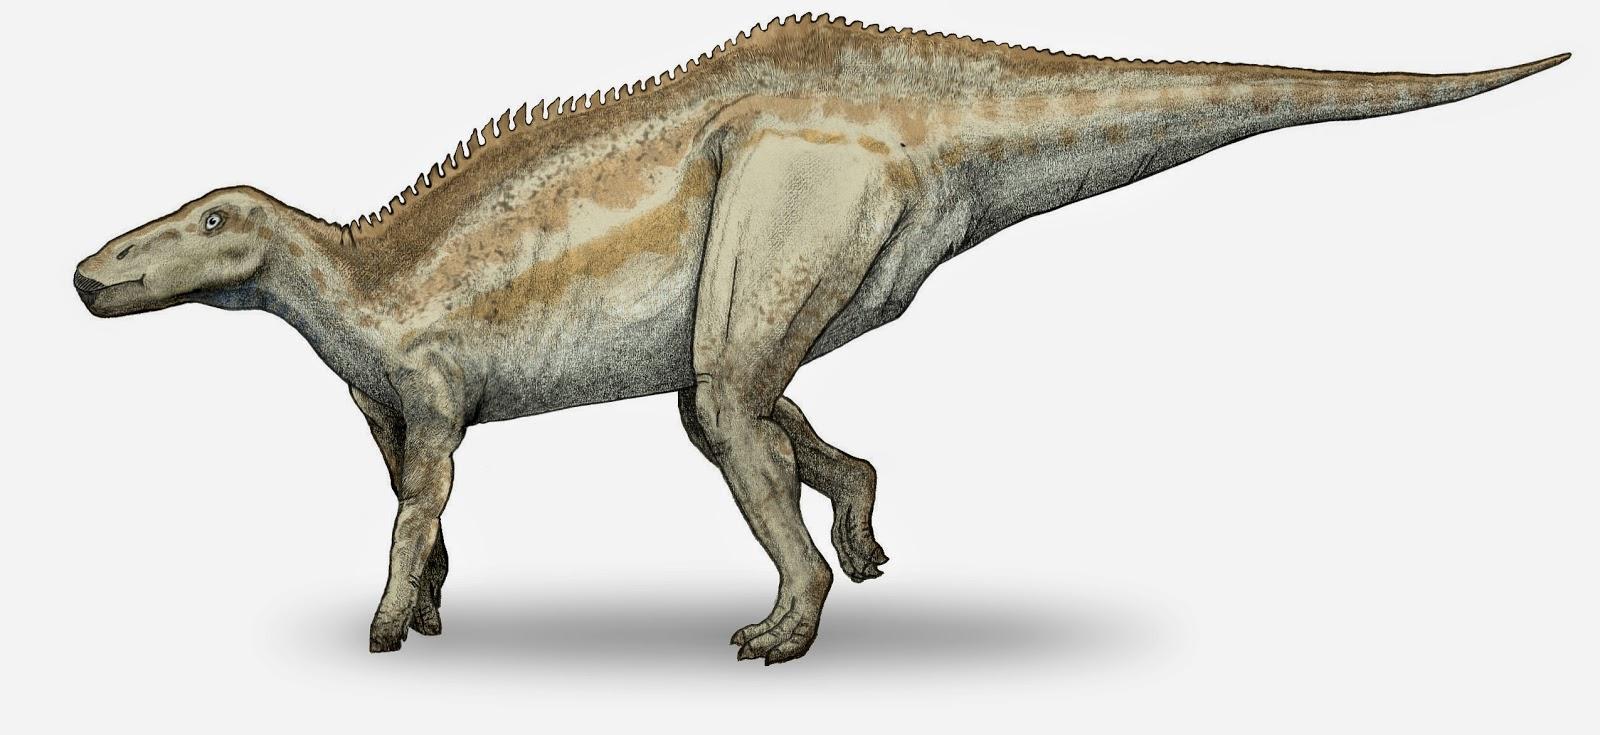 Shantungosaurus, Foto: michael540.blogspot.com